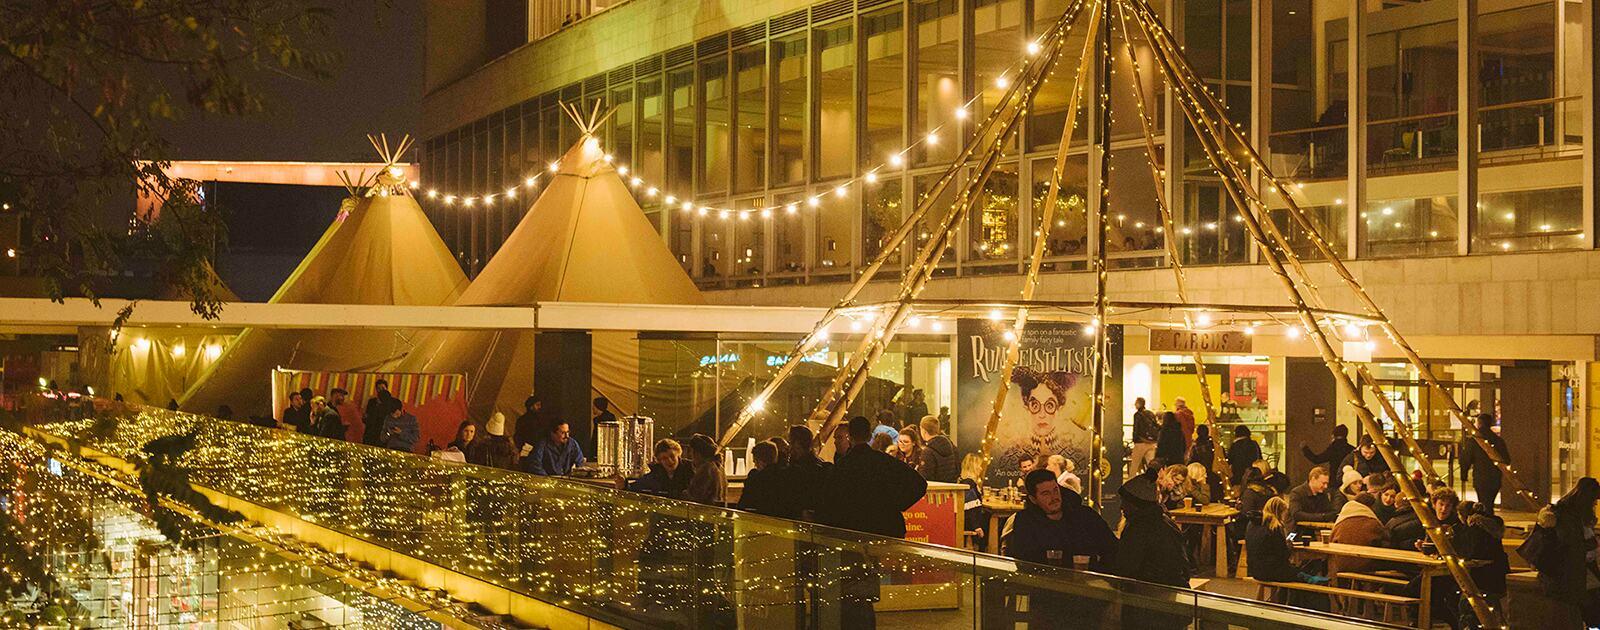 The Circus Bar at Southbank Centre